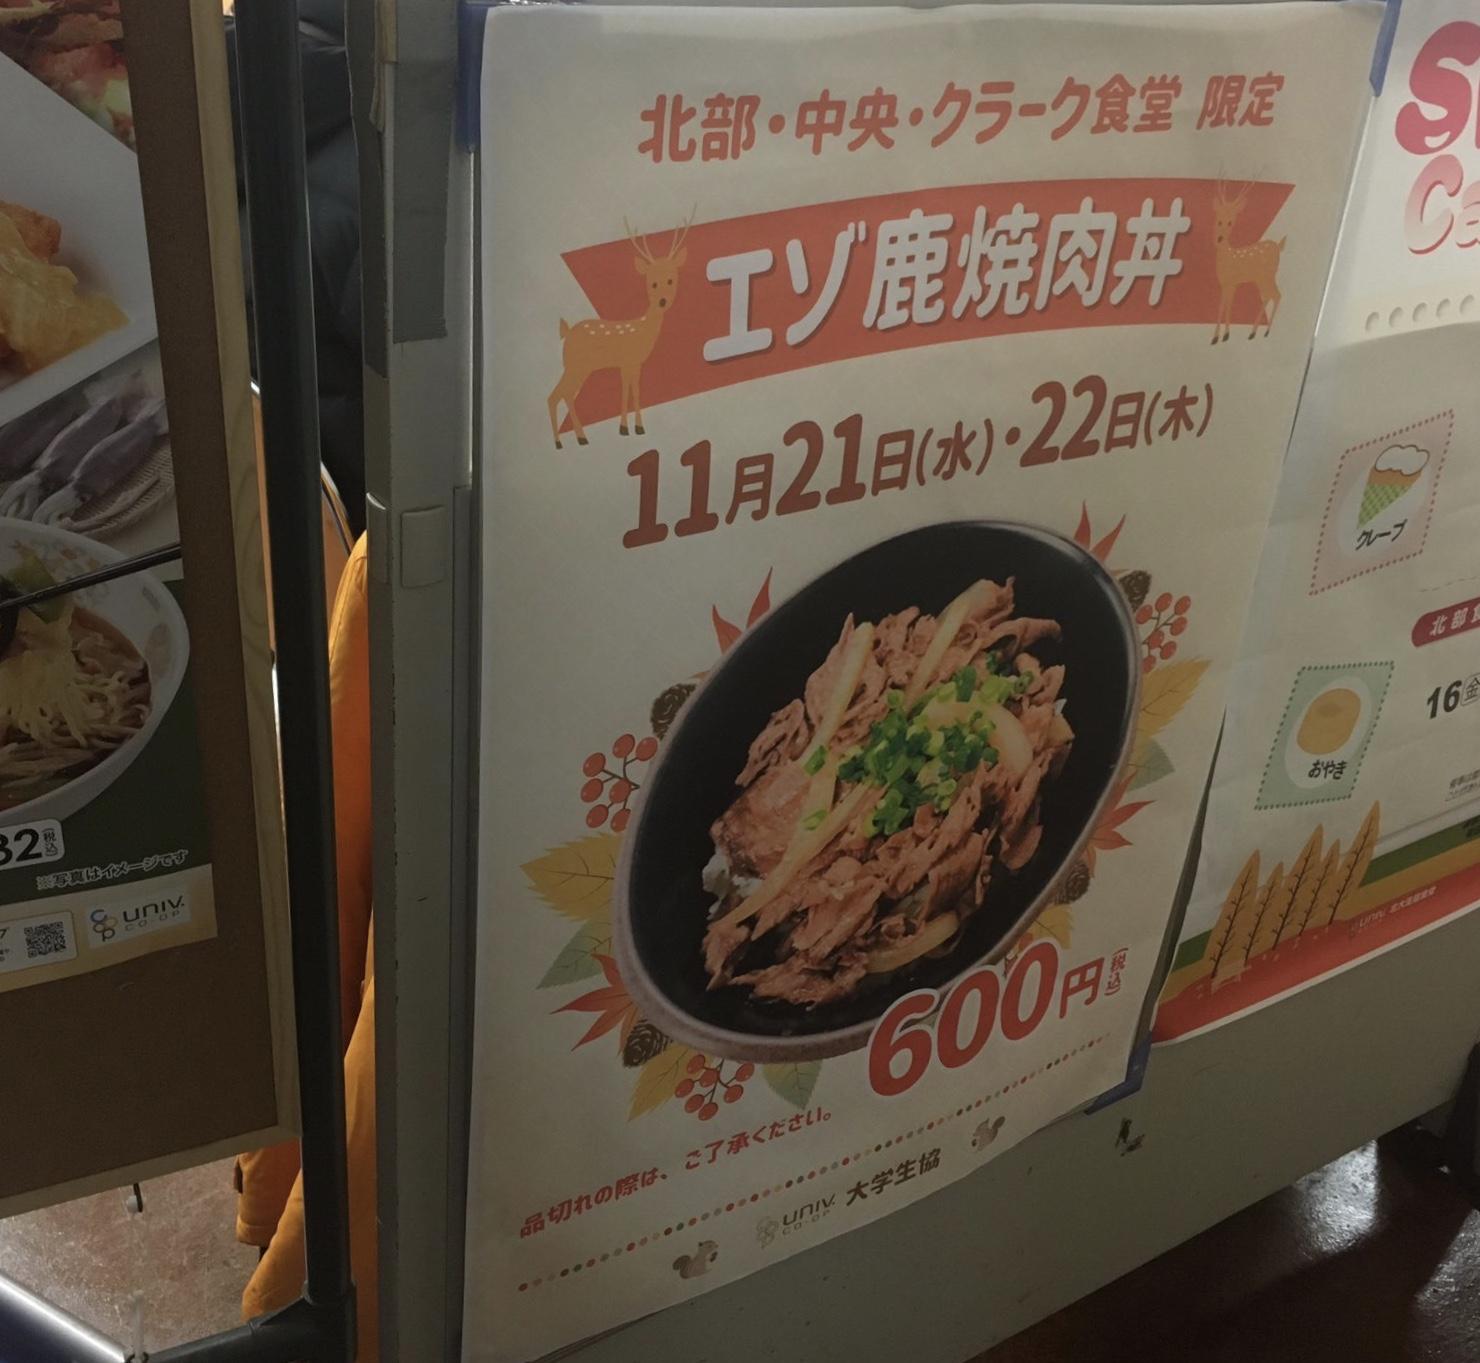 シカ肉の話【編集部ブログ】